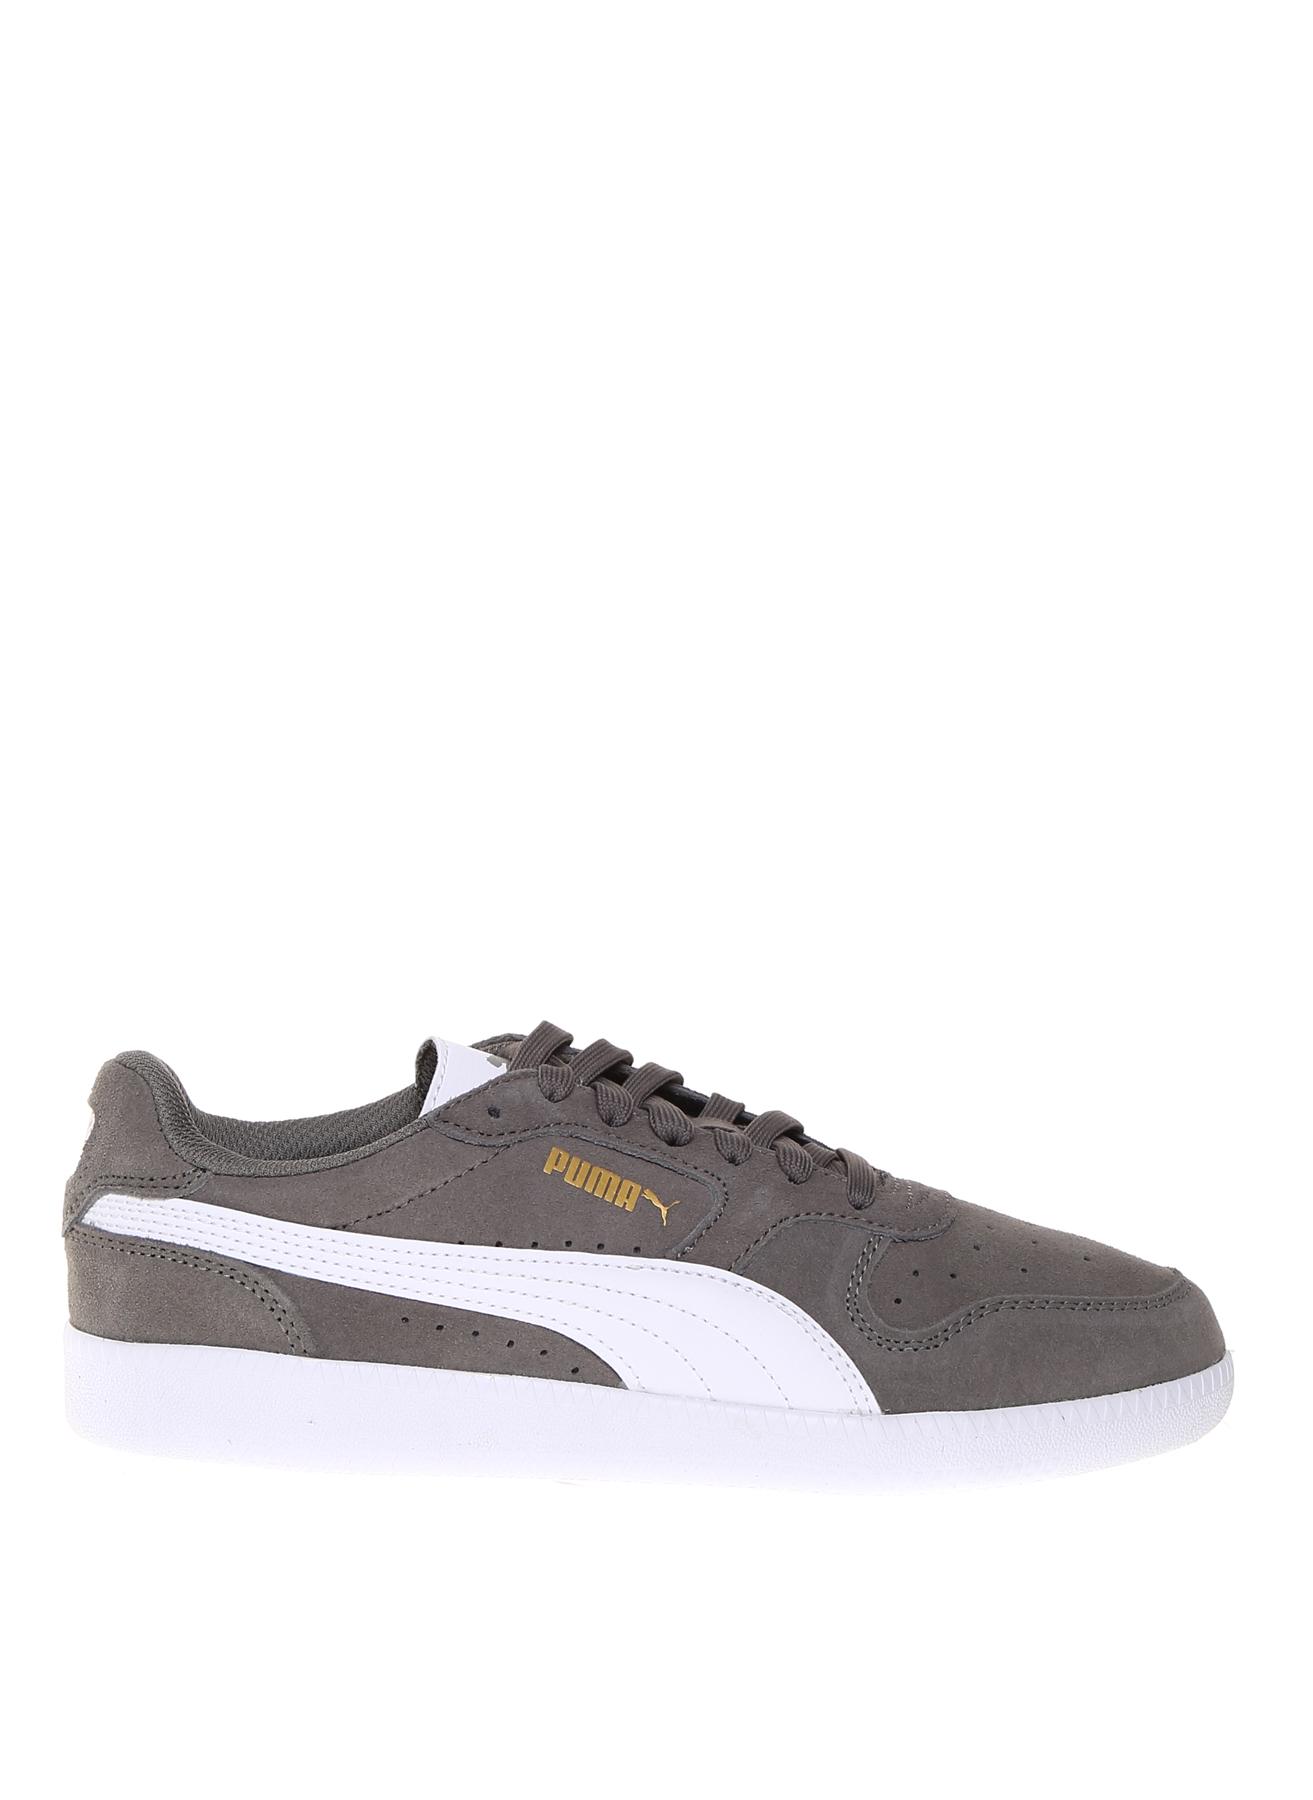 Puma Icra Trainer SD Lifestyle Ayakkabı 45 5000200750009 Ürün Resmi